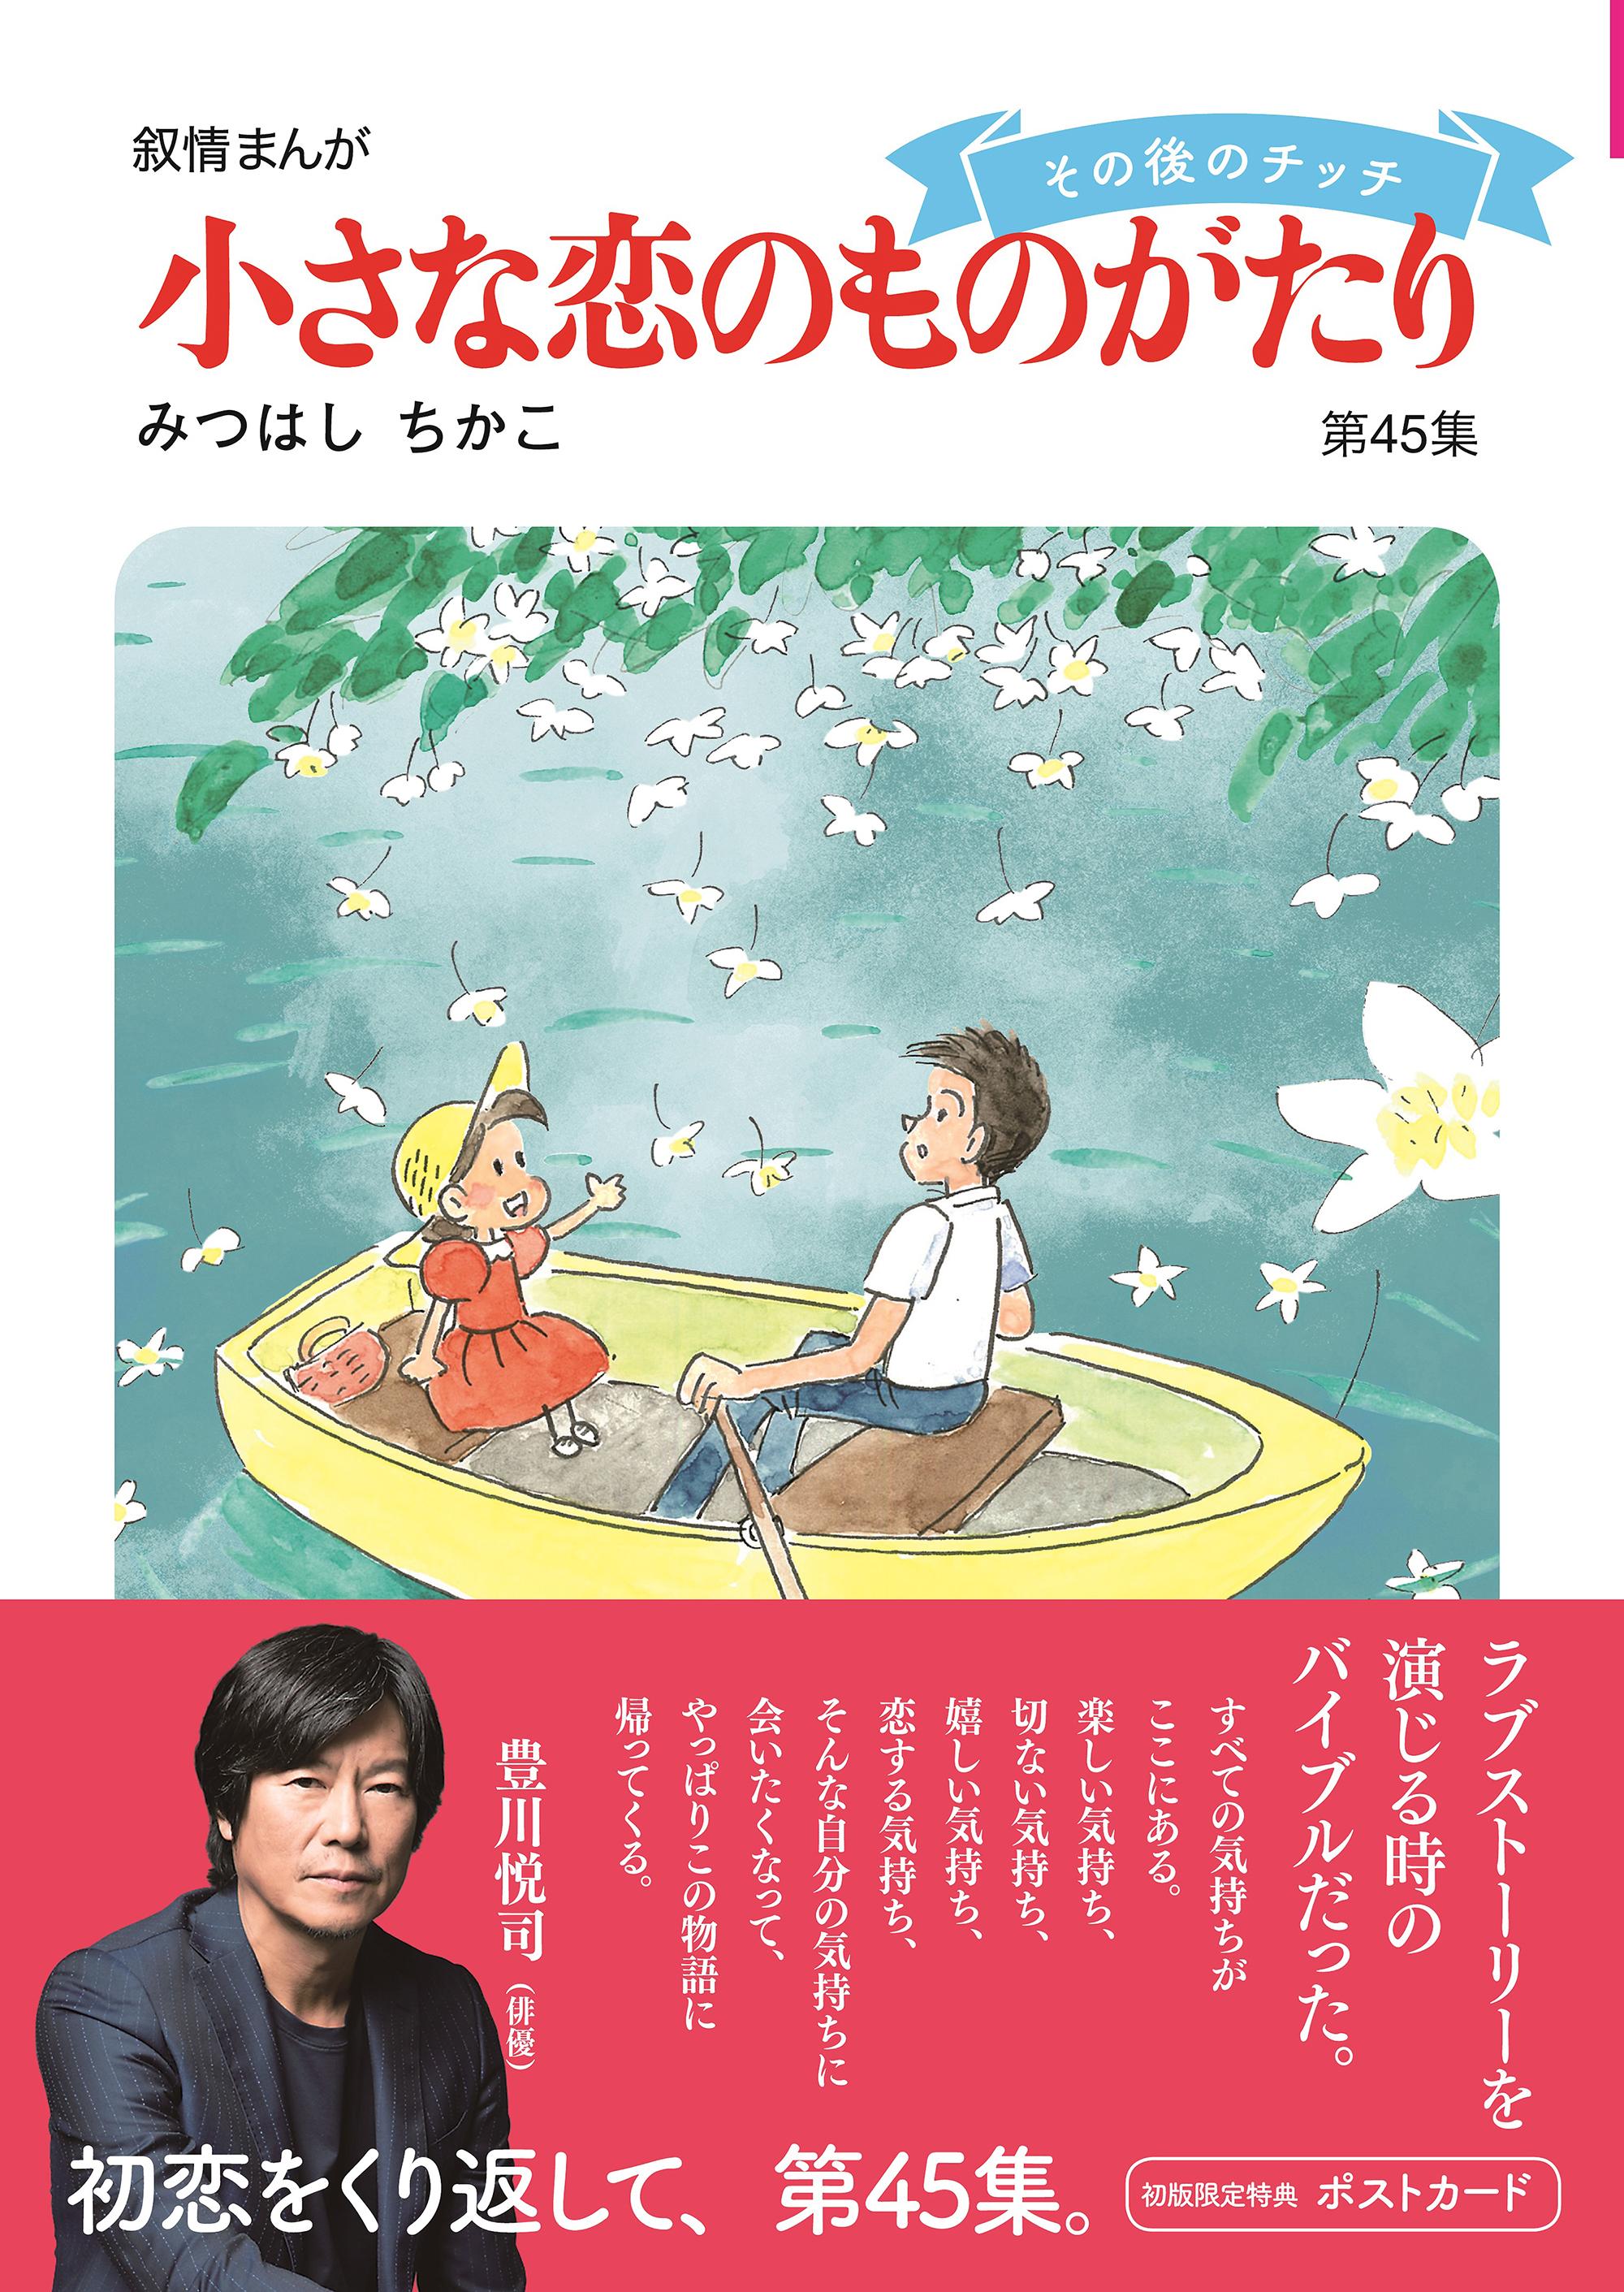 『小さな恋のものがたり 第45集』書影